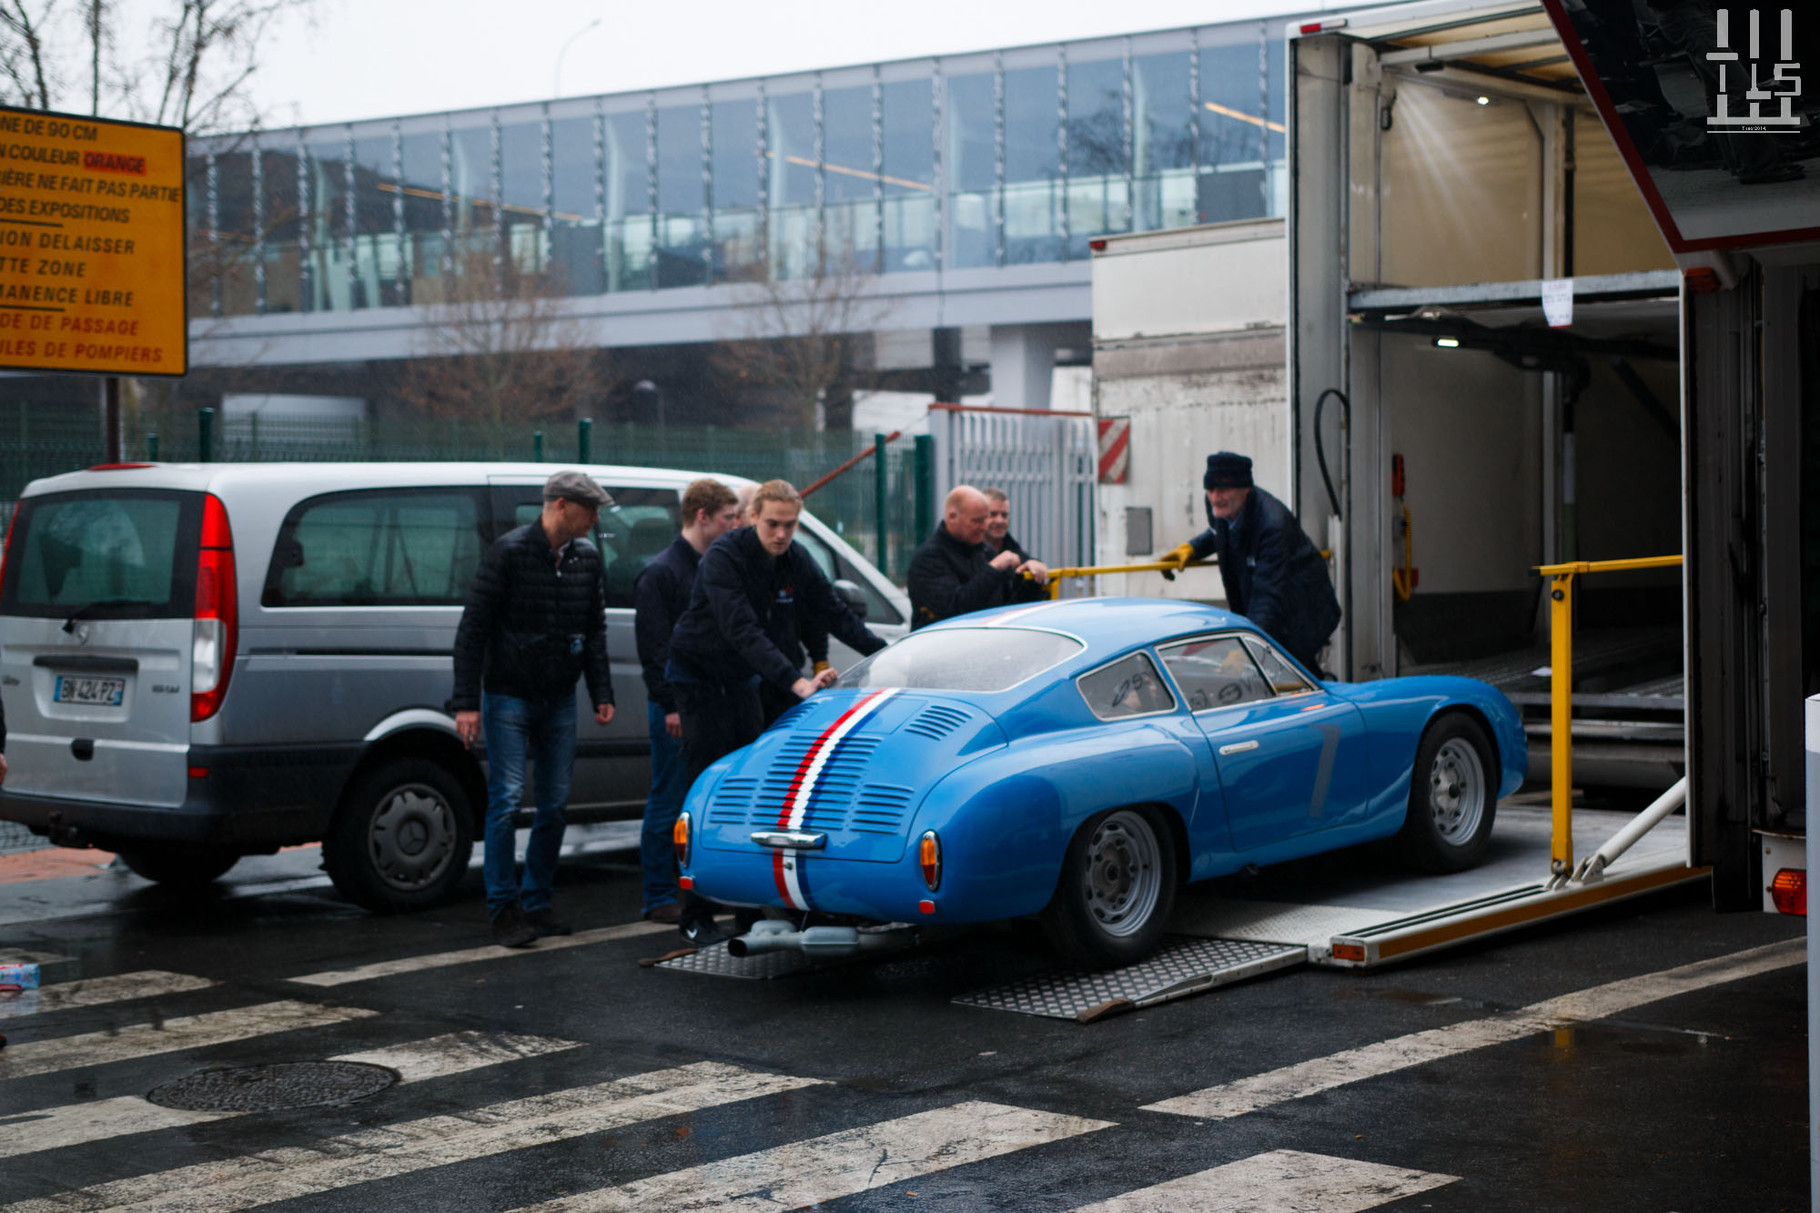 Une auto que j'adore ! Il s'agit d'une Porsche 356 Carrera Abarth, et encore une fois c'est chez Fiskens que sa présence se fera remarquer.